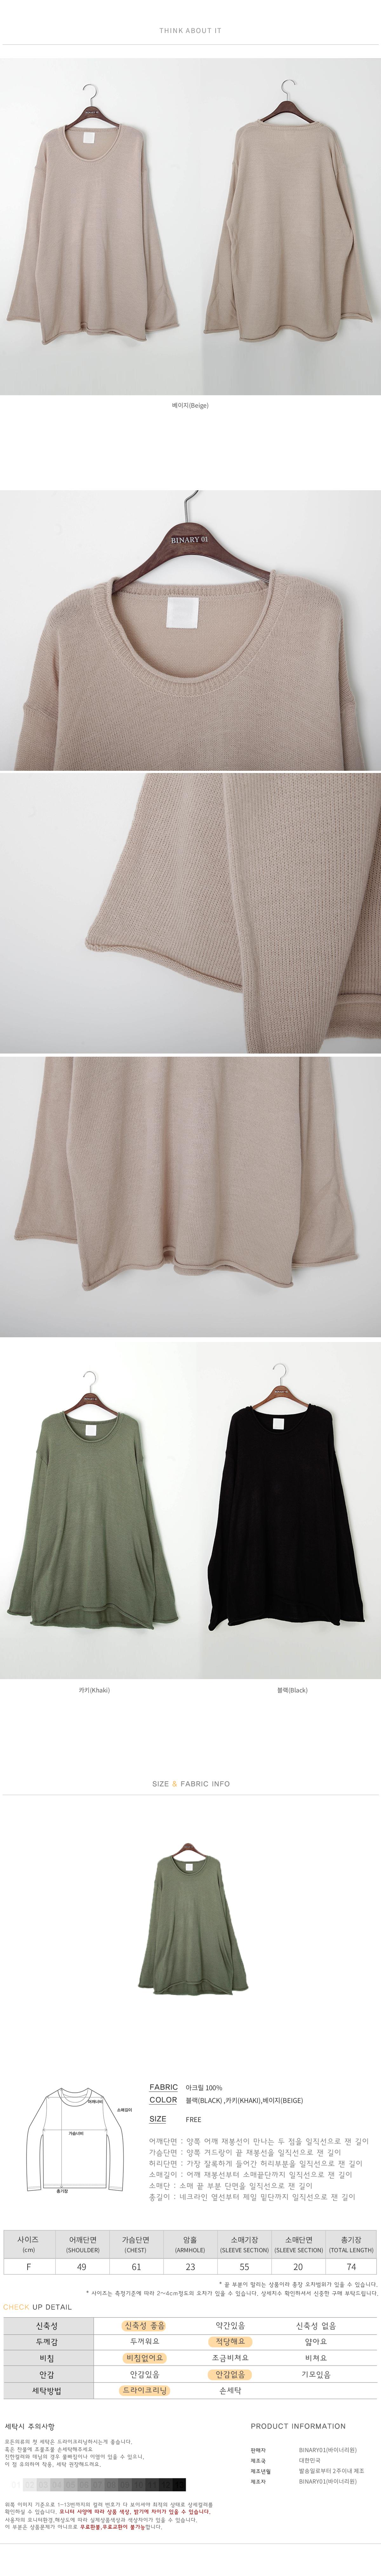 Overfit Union Long Knit & Knit Dress